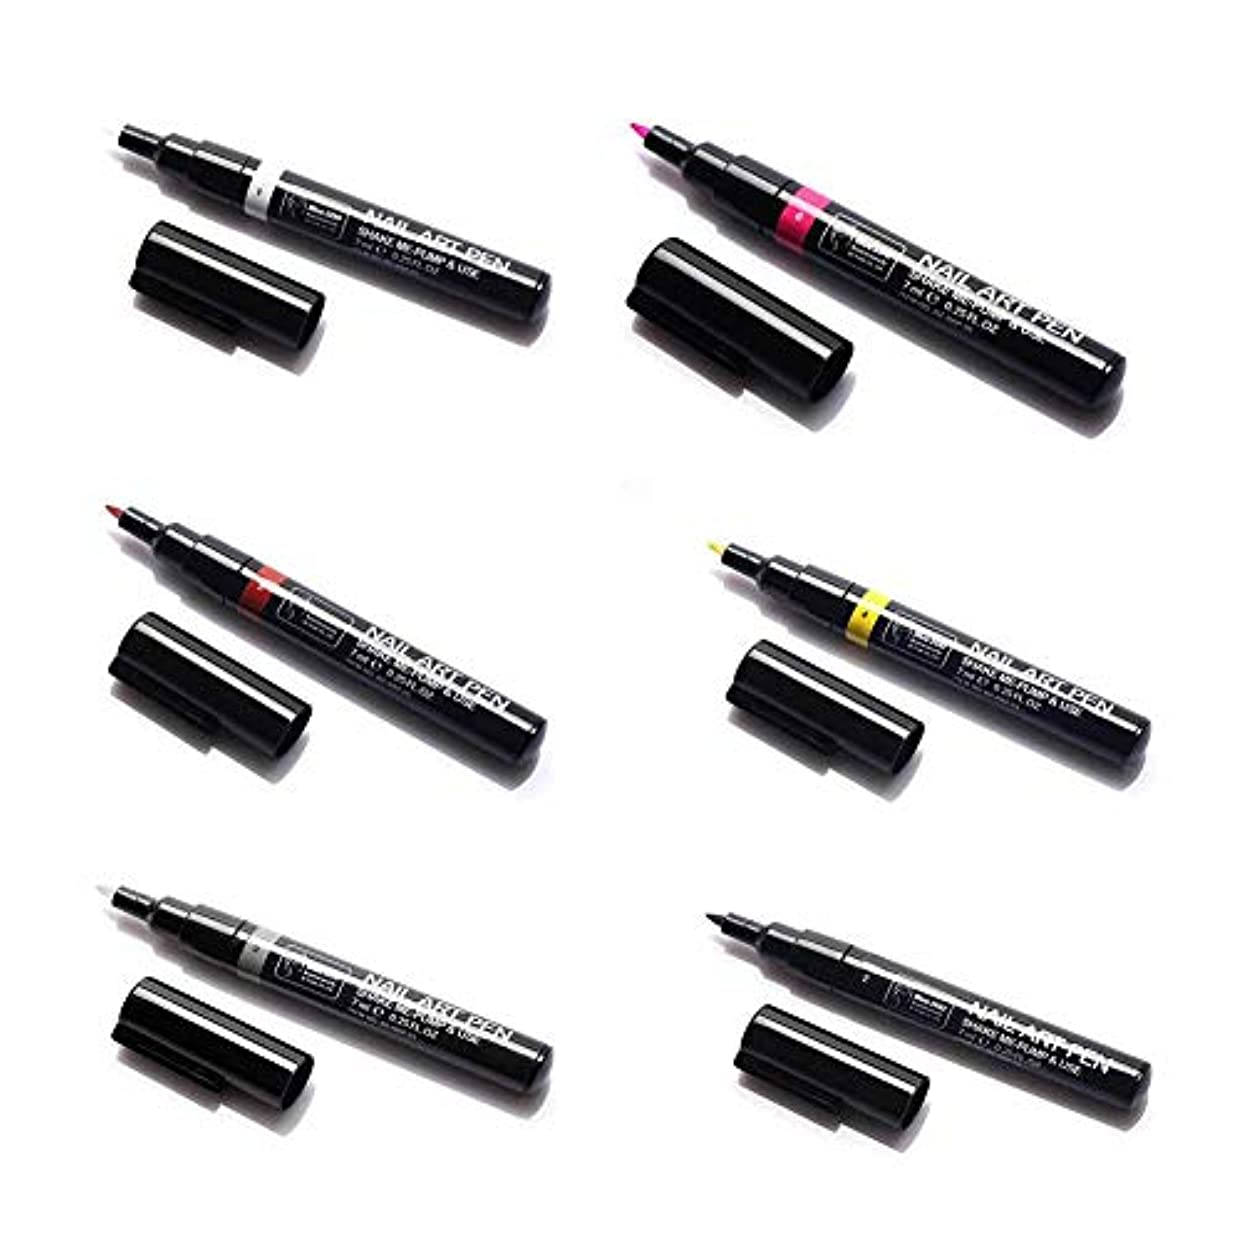 真鍮シャーク発疹6ピースネイルアートペン、3dネイルアートdiy装飾ネイルポリッシュペンセットネイル美容ツールペイントペン(1#)